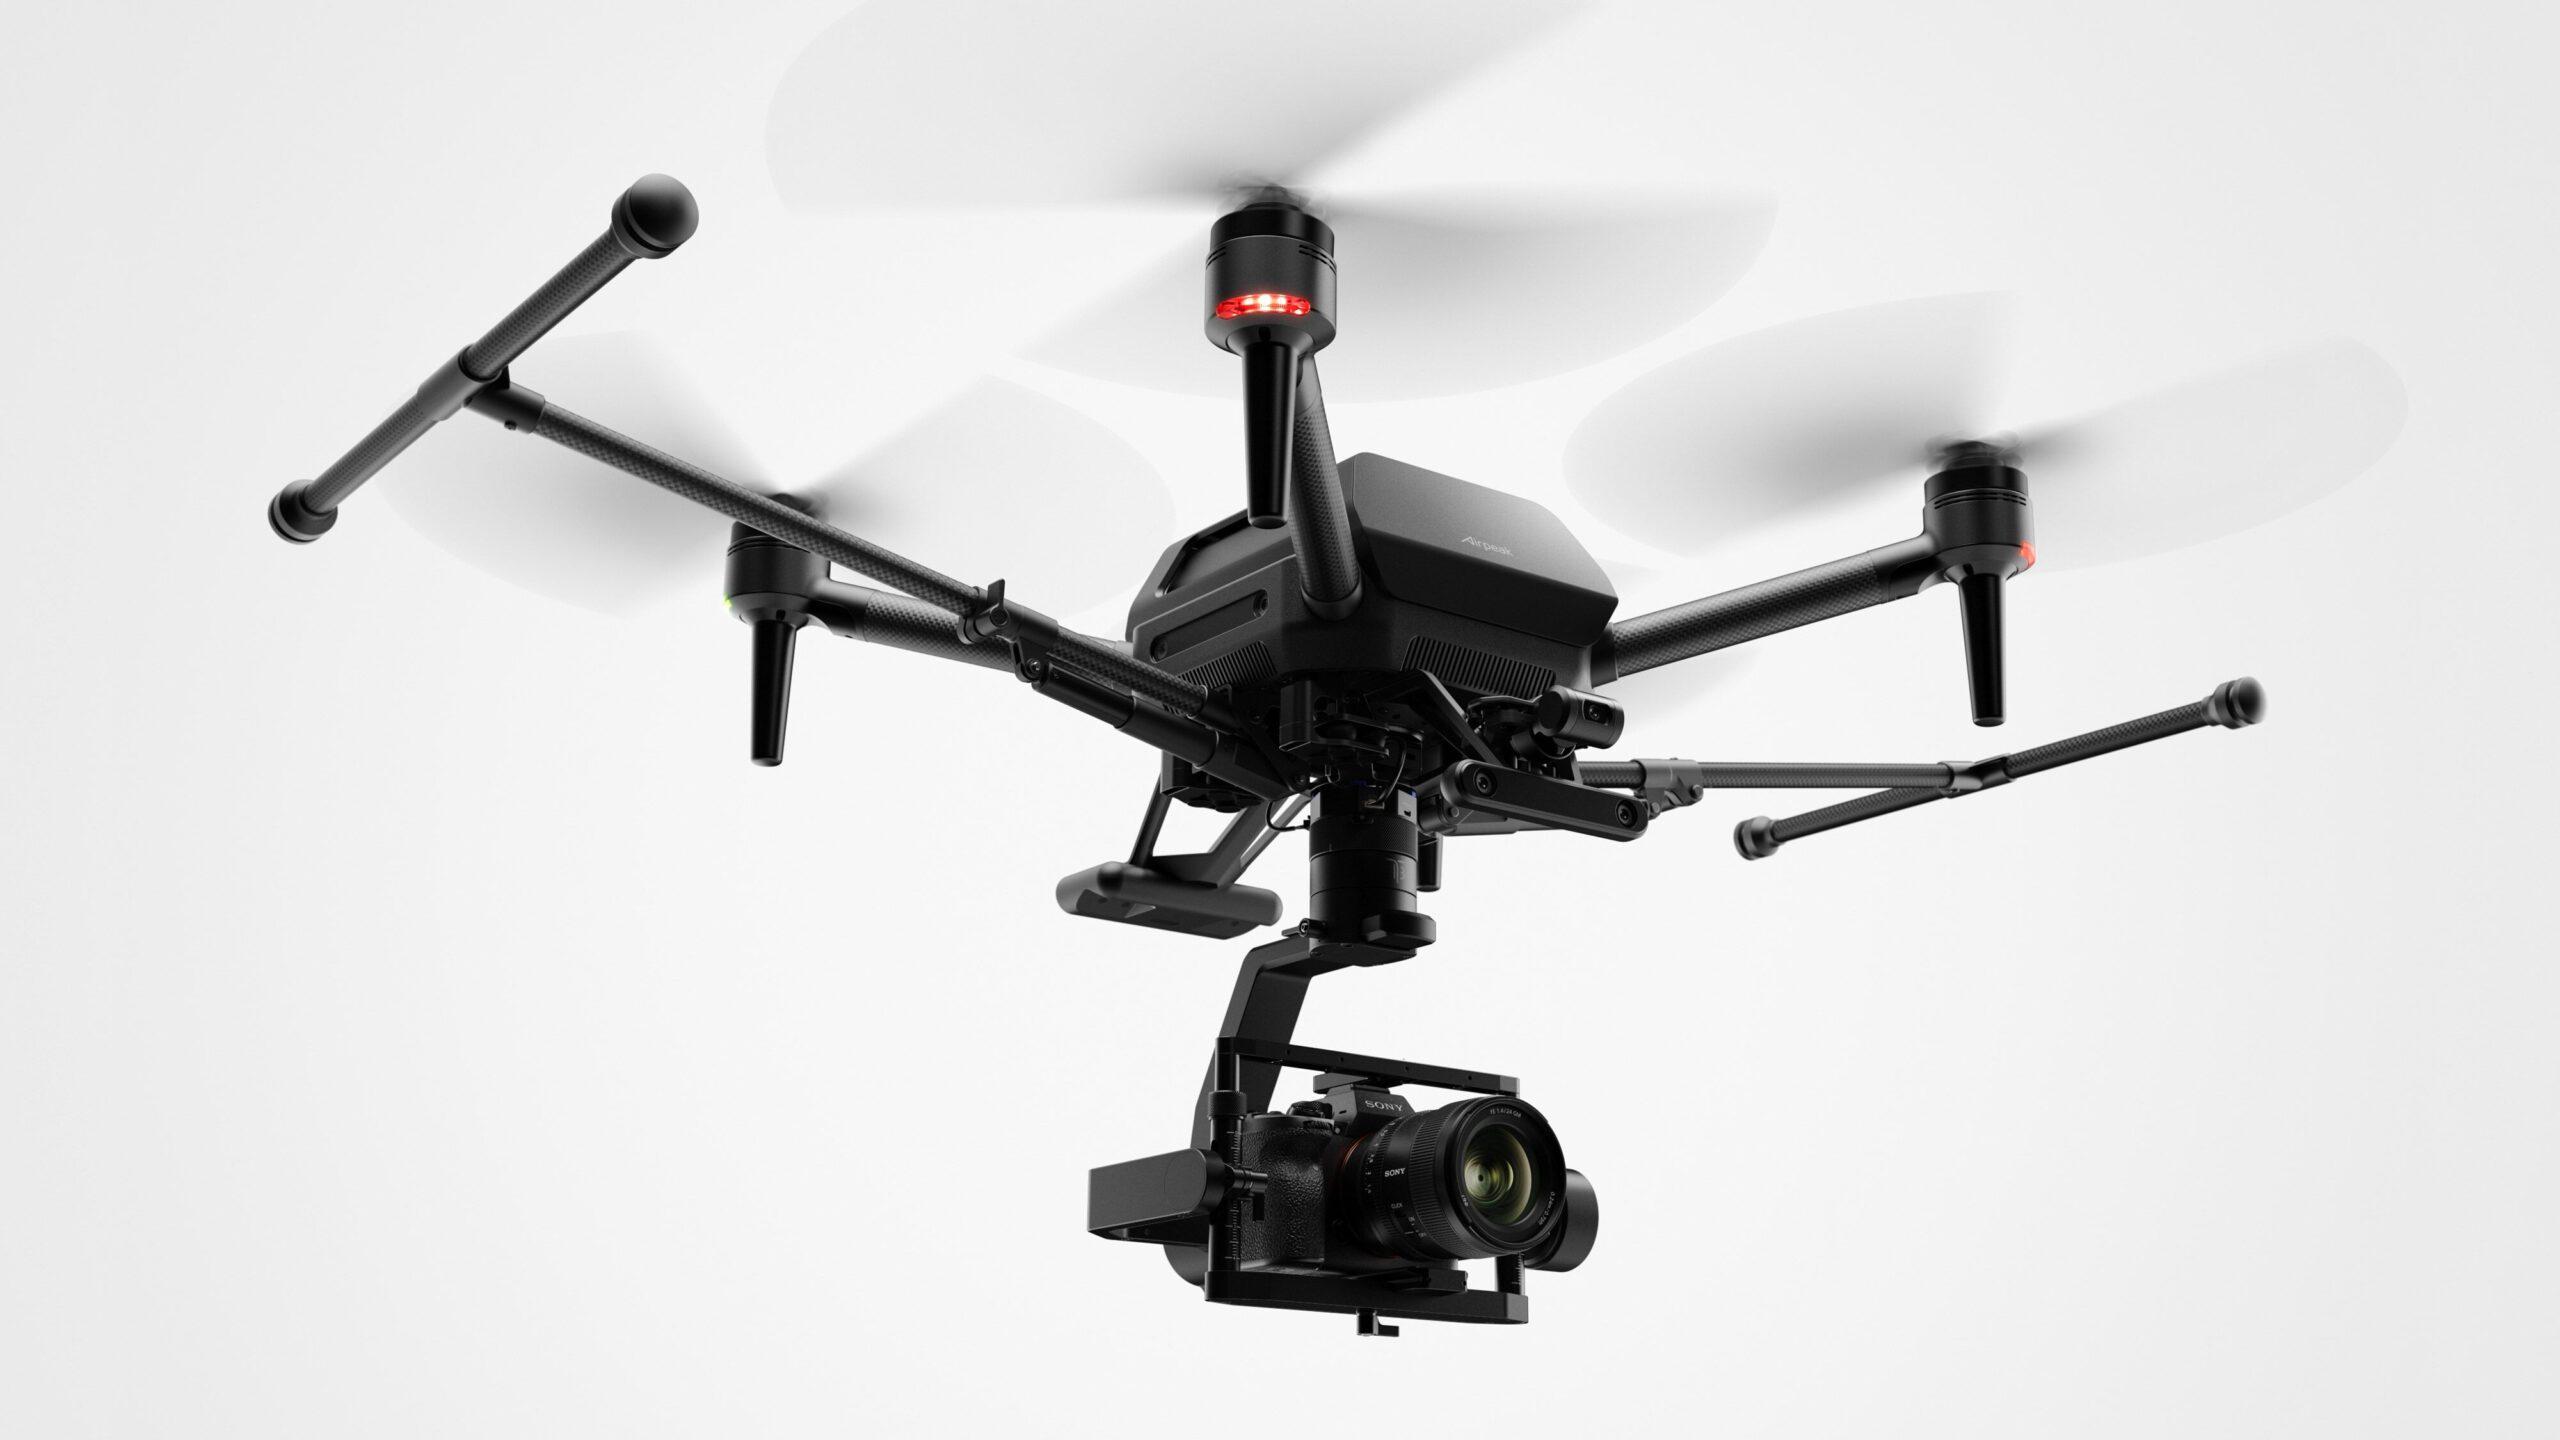 索尼推出首款无人机航拍设备――Airpeak,正式进军无人机领域